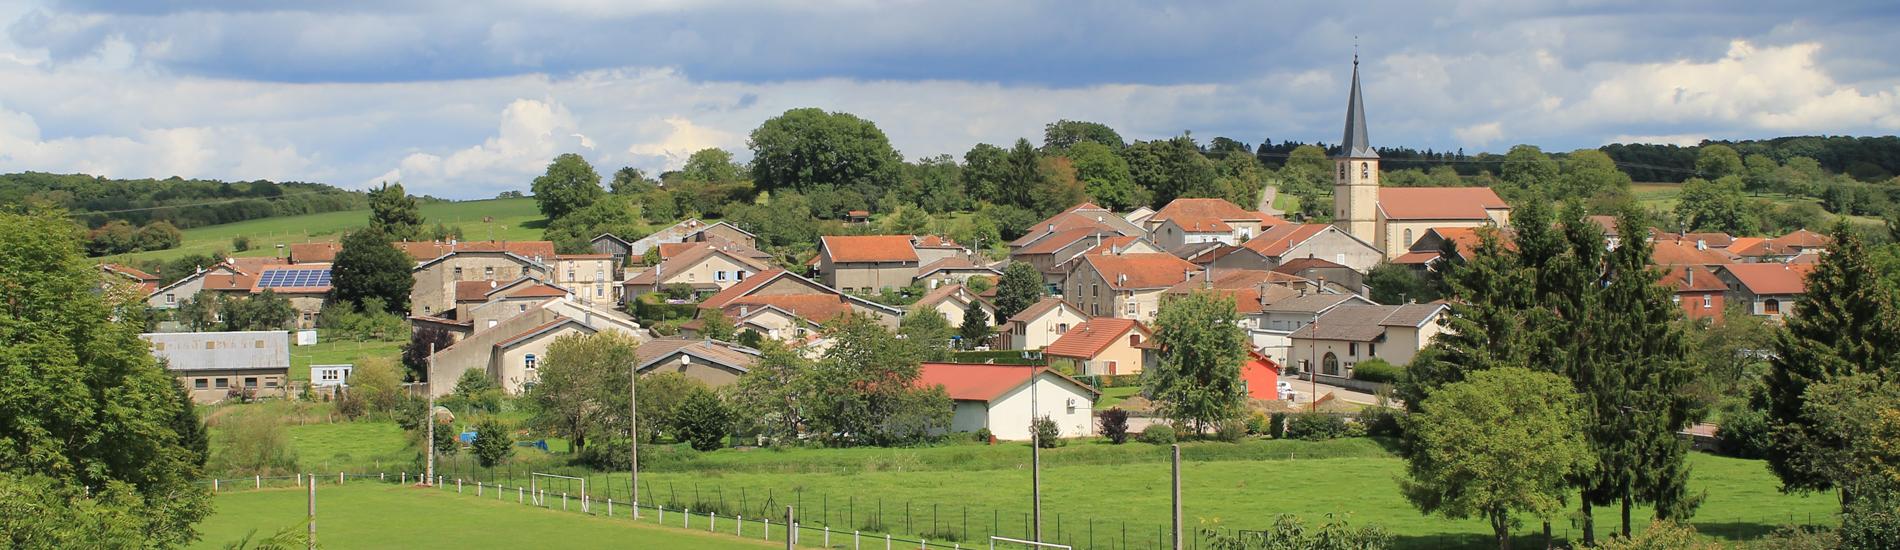 Un village où il fait bon vivre